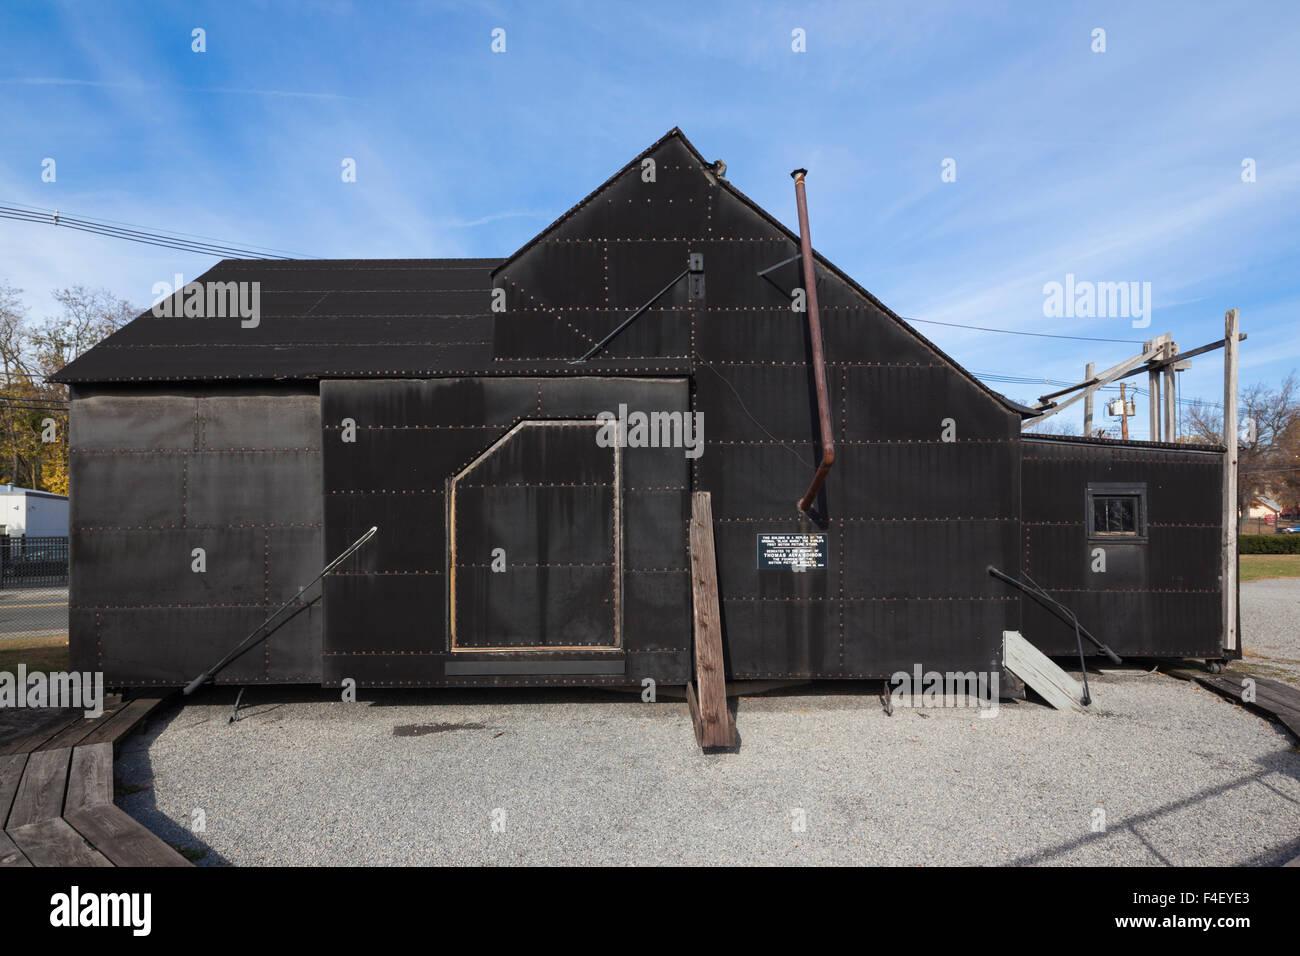 USA, New Jersey, West Orange, Thomas Edison National Historical Park, Black Maria, premier studio de cinéma mobile construite sur une platine, extérieur Banque D'Images